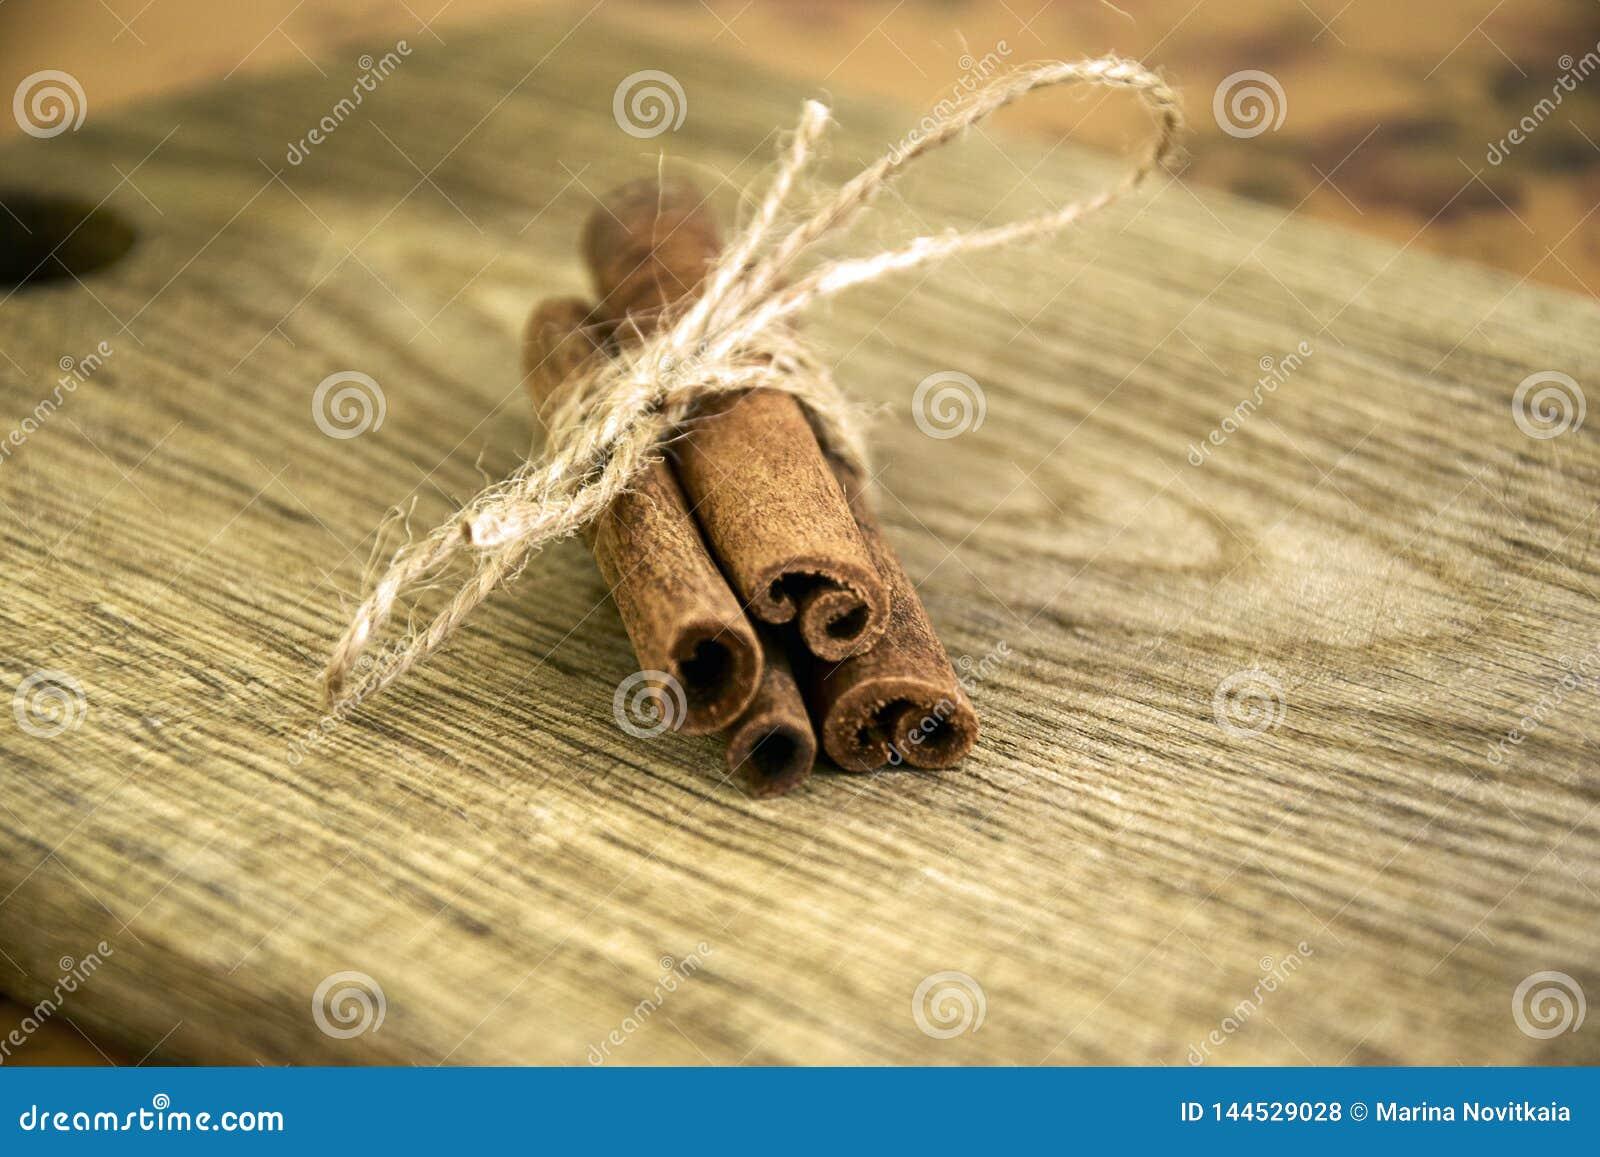 Ραβδιά κανέλας στον παλαιό ξύλινο πίνακα